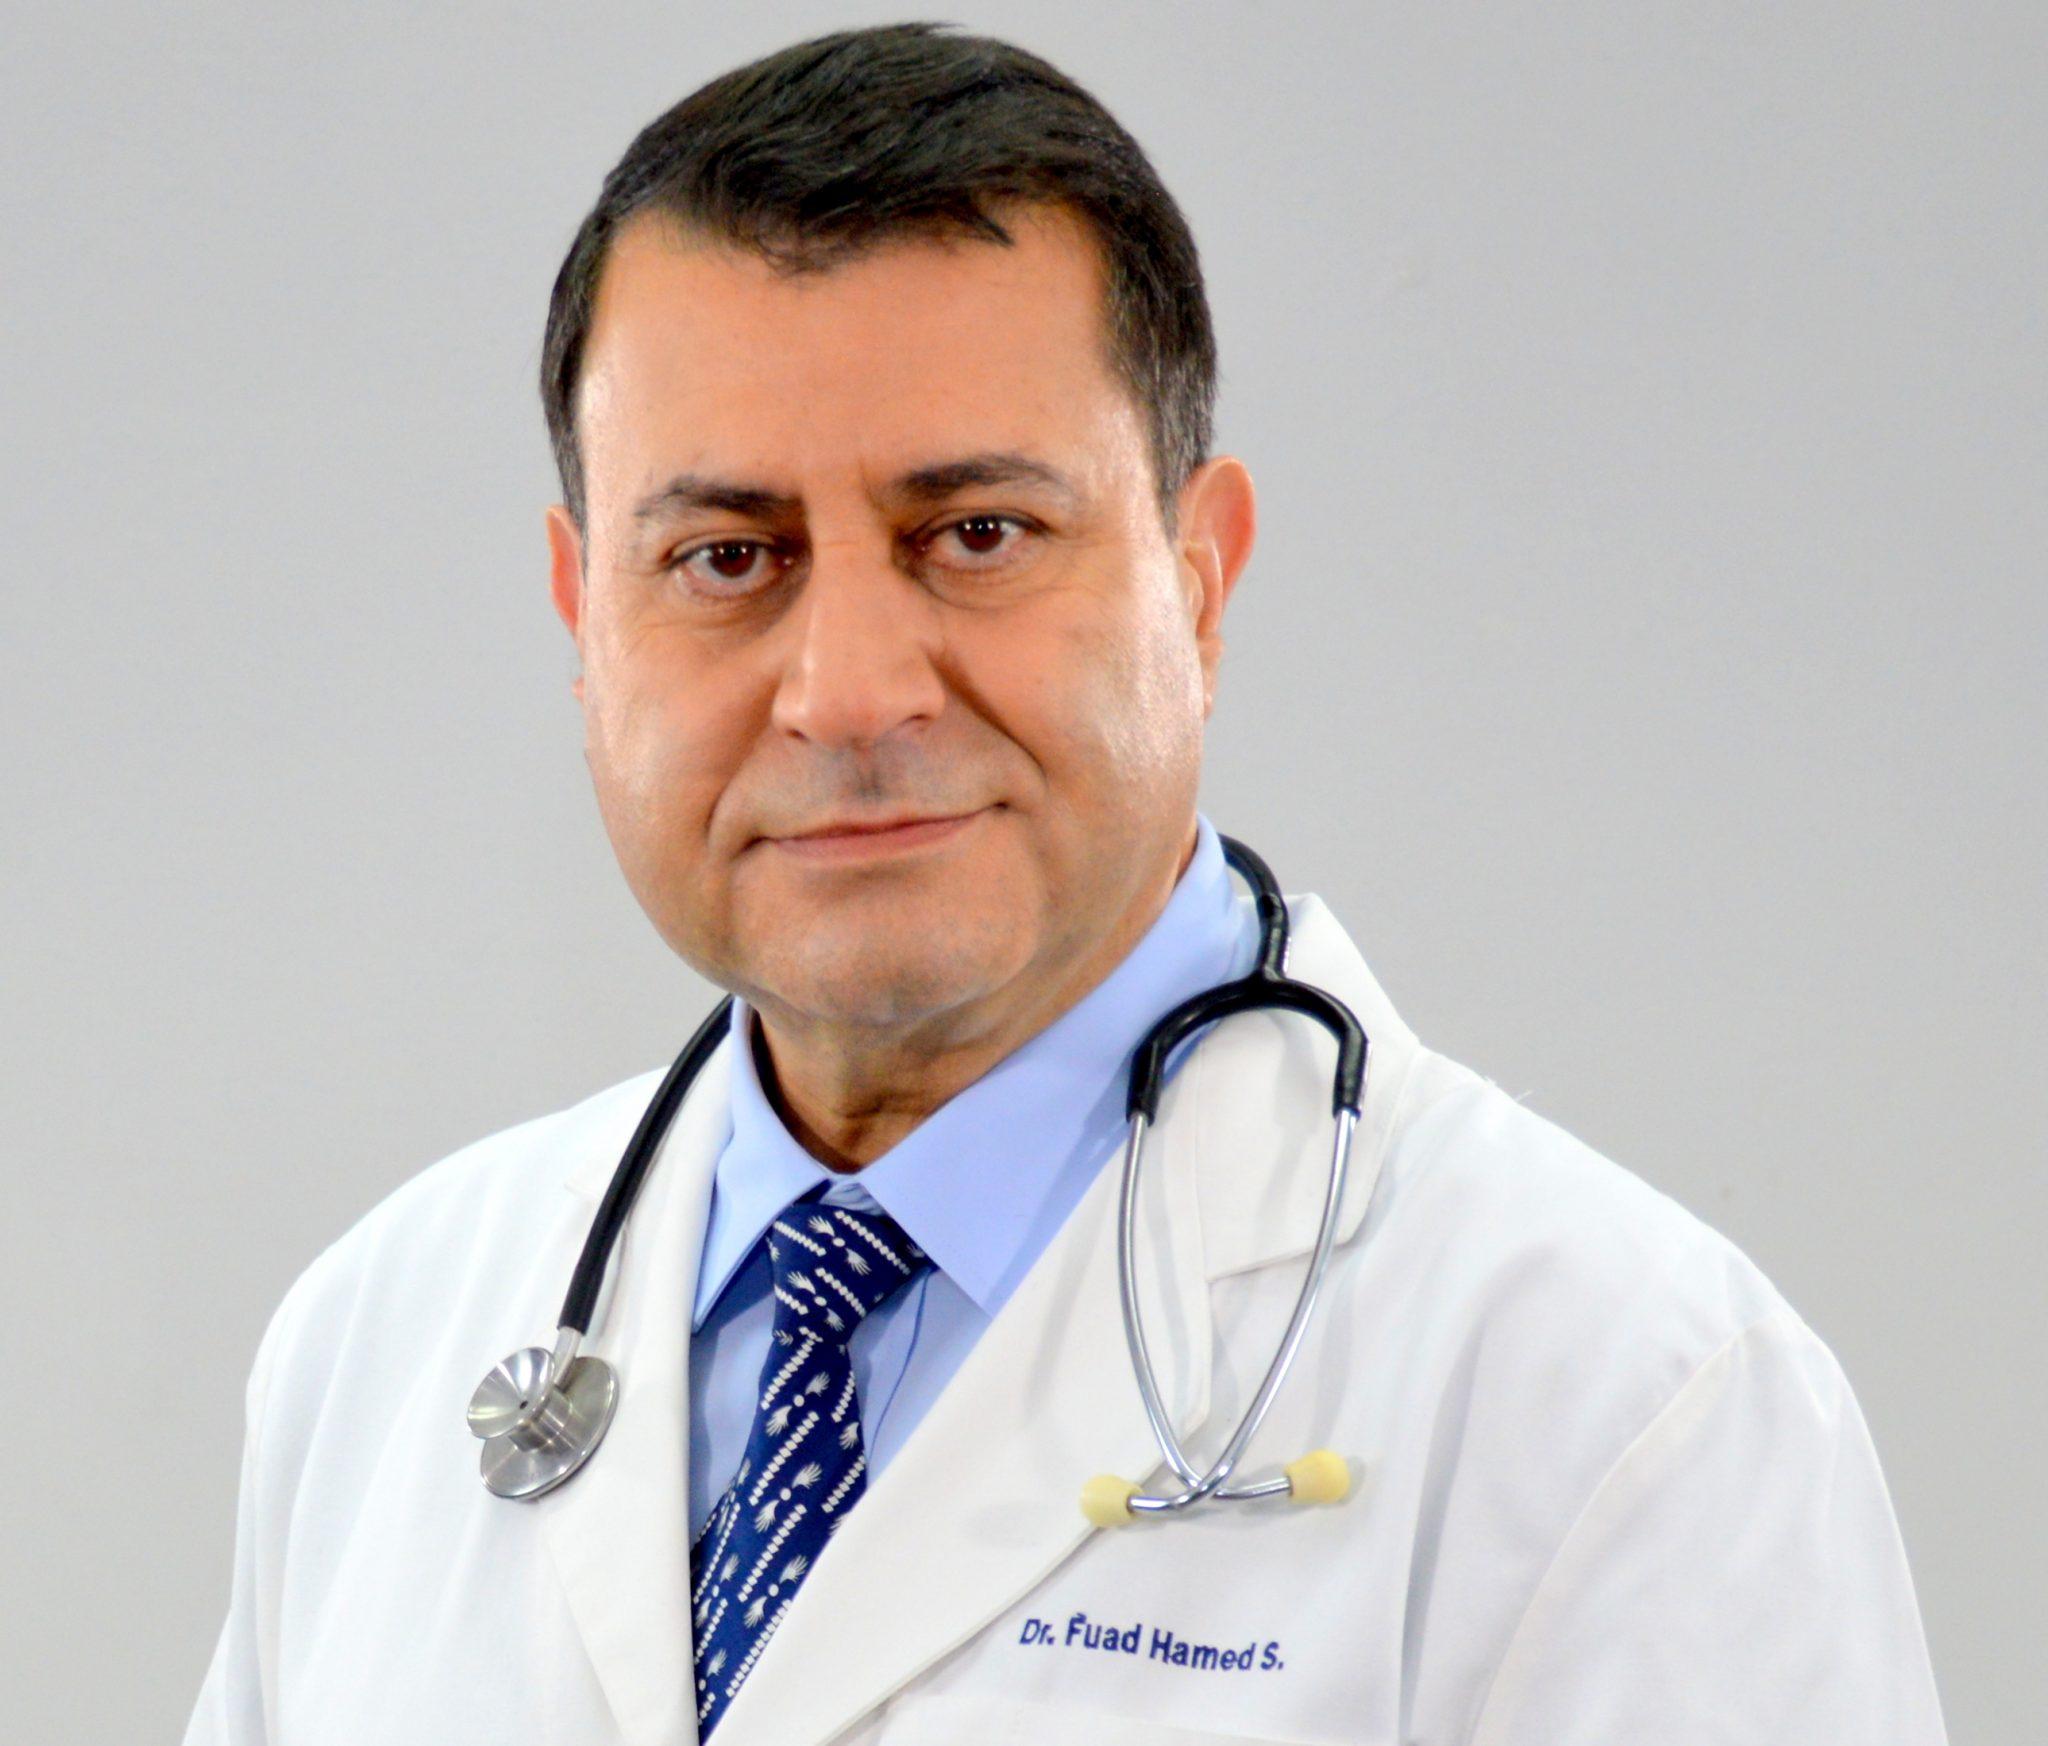 Doctor Fuad Hamed irrumpe como candidato a diputado por el distrito 15